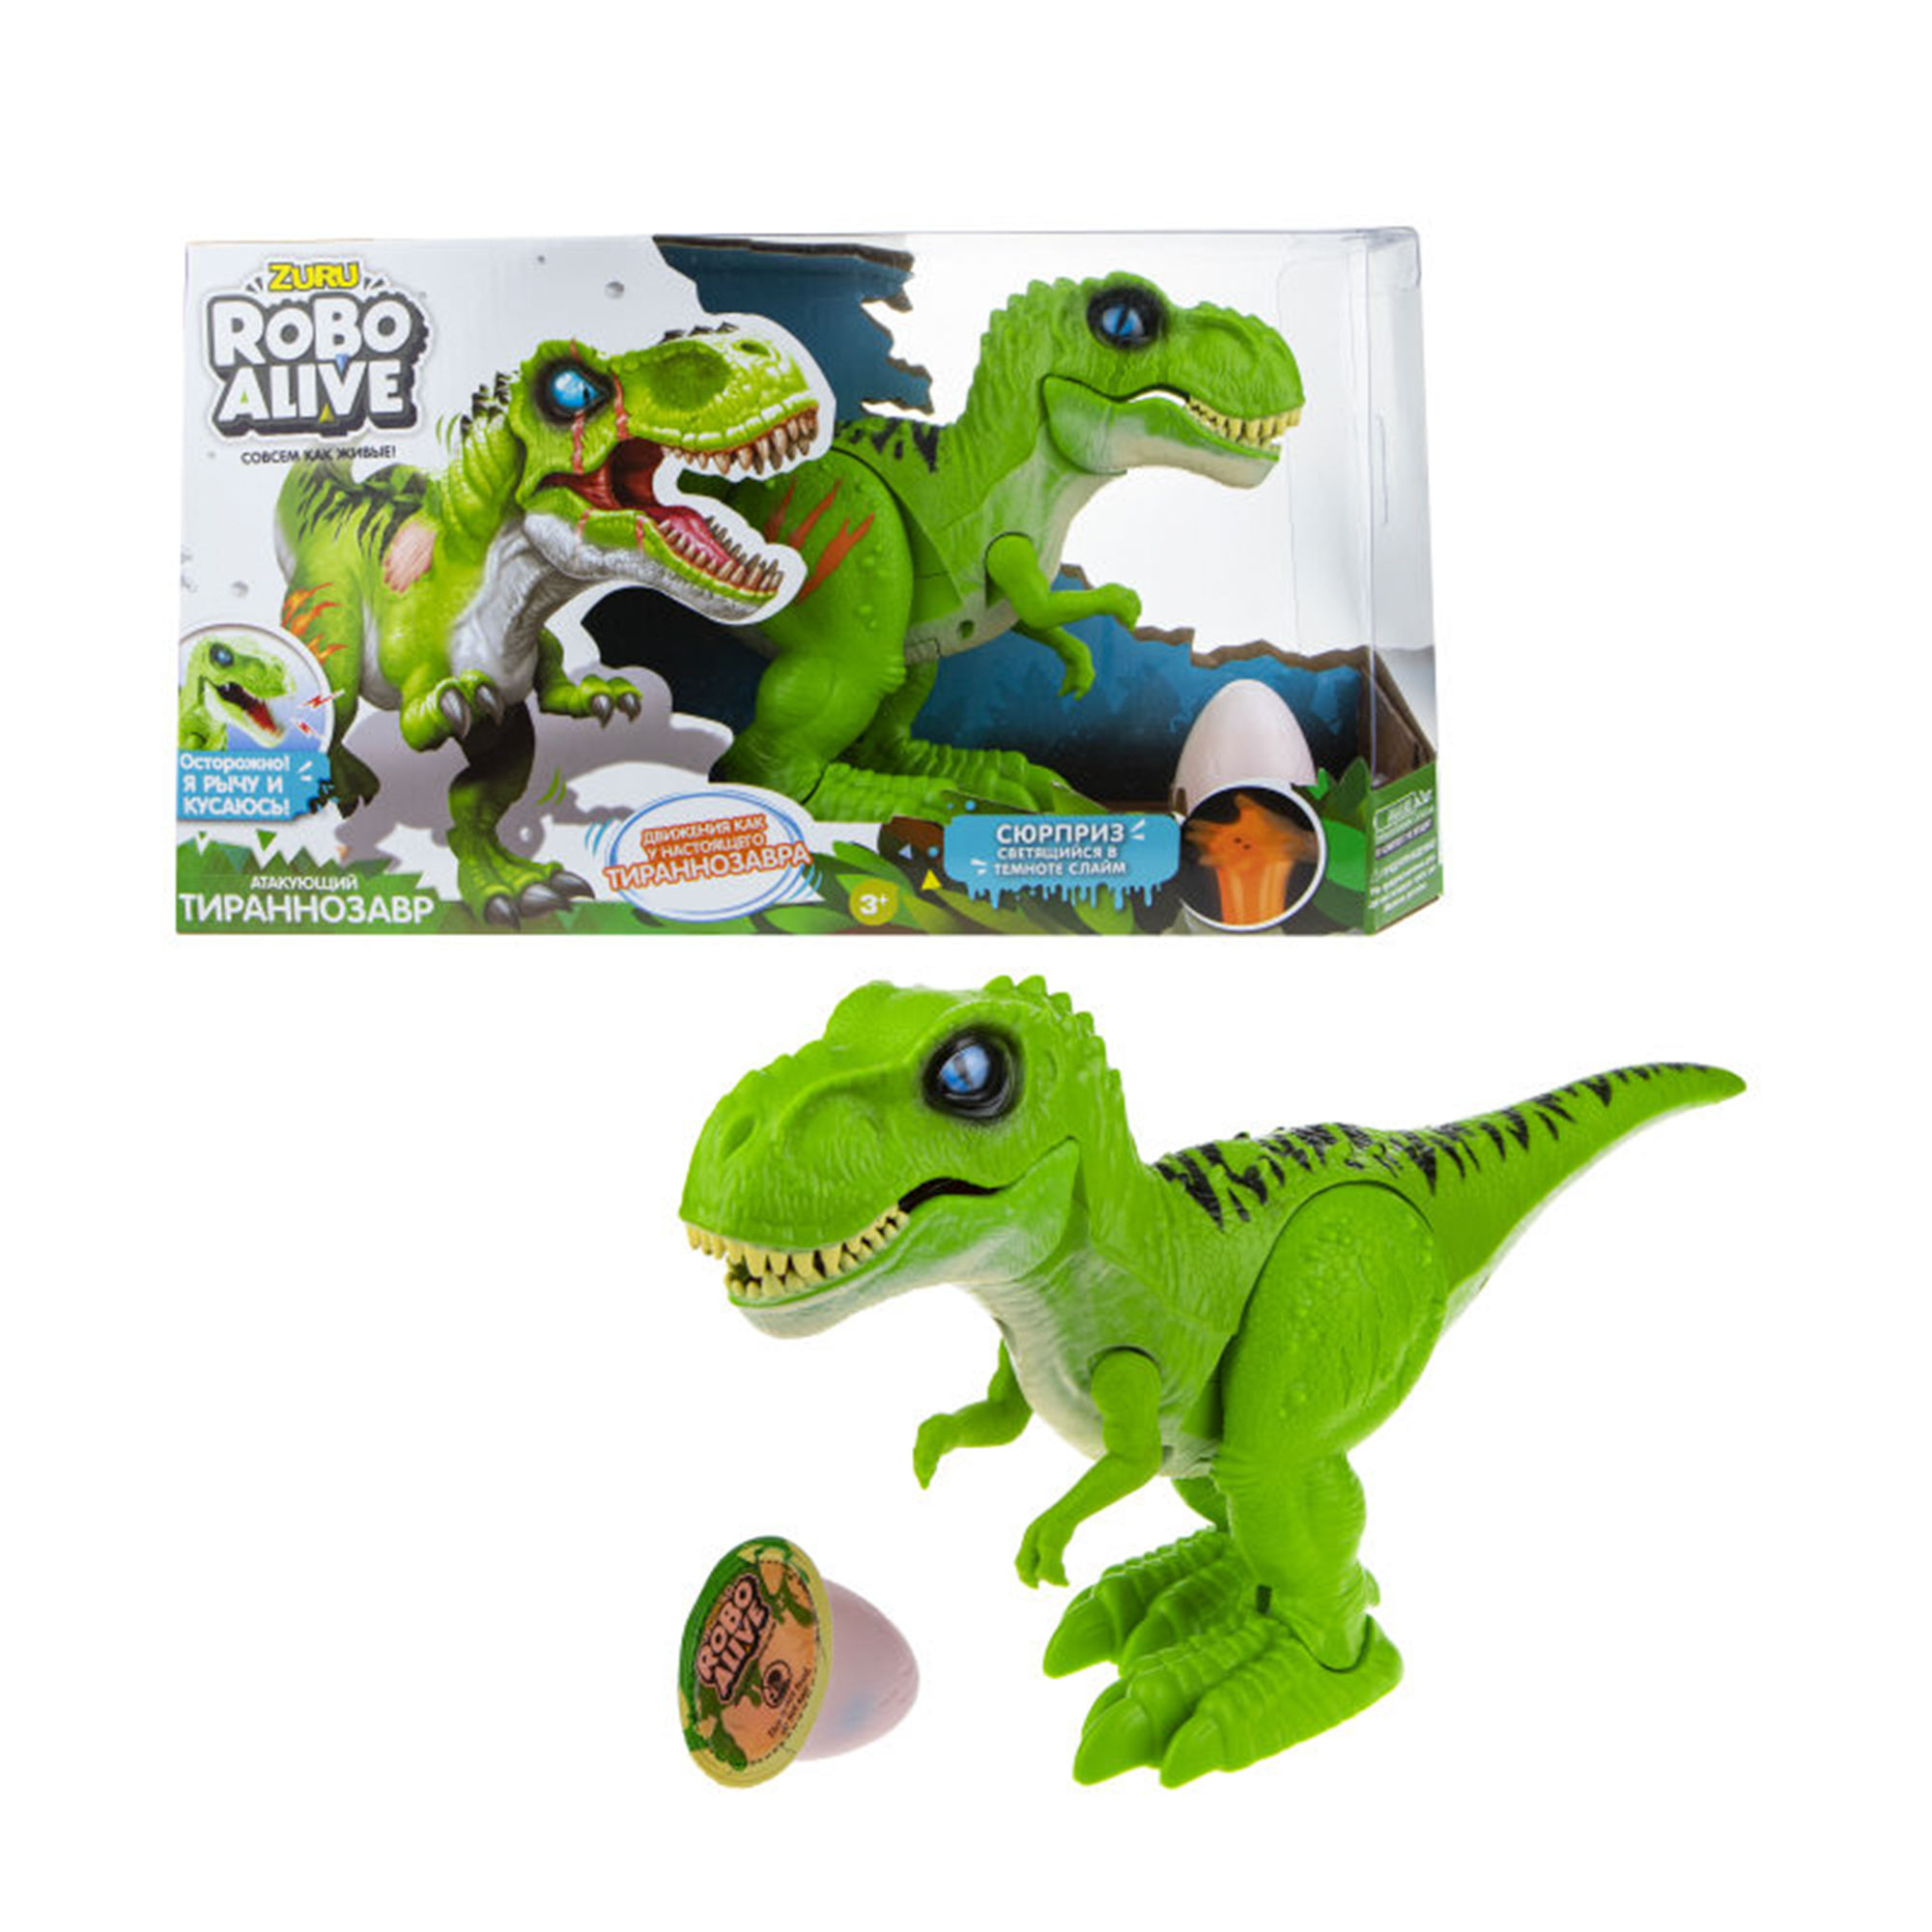 Интерактивная игрушка Zuru Robo Alive -Тираннозавр зеленый